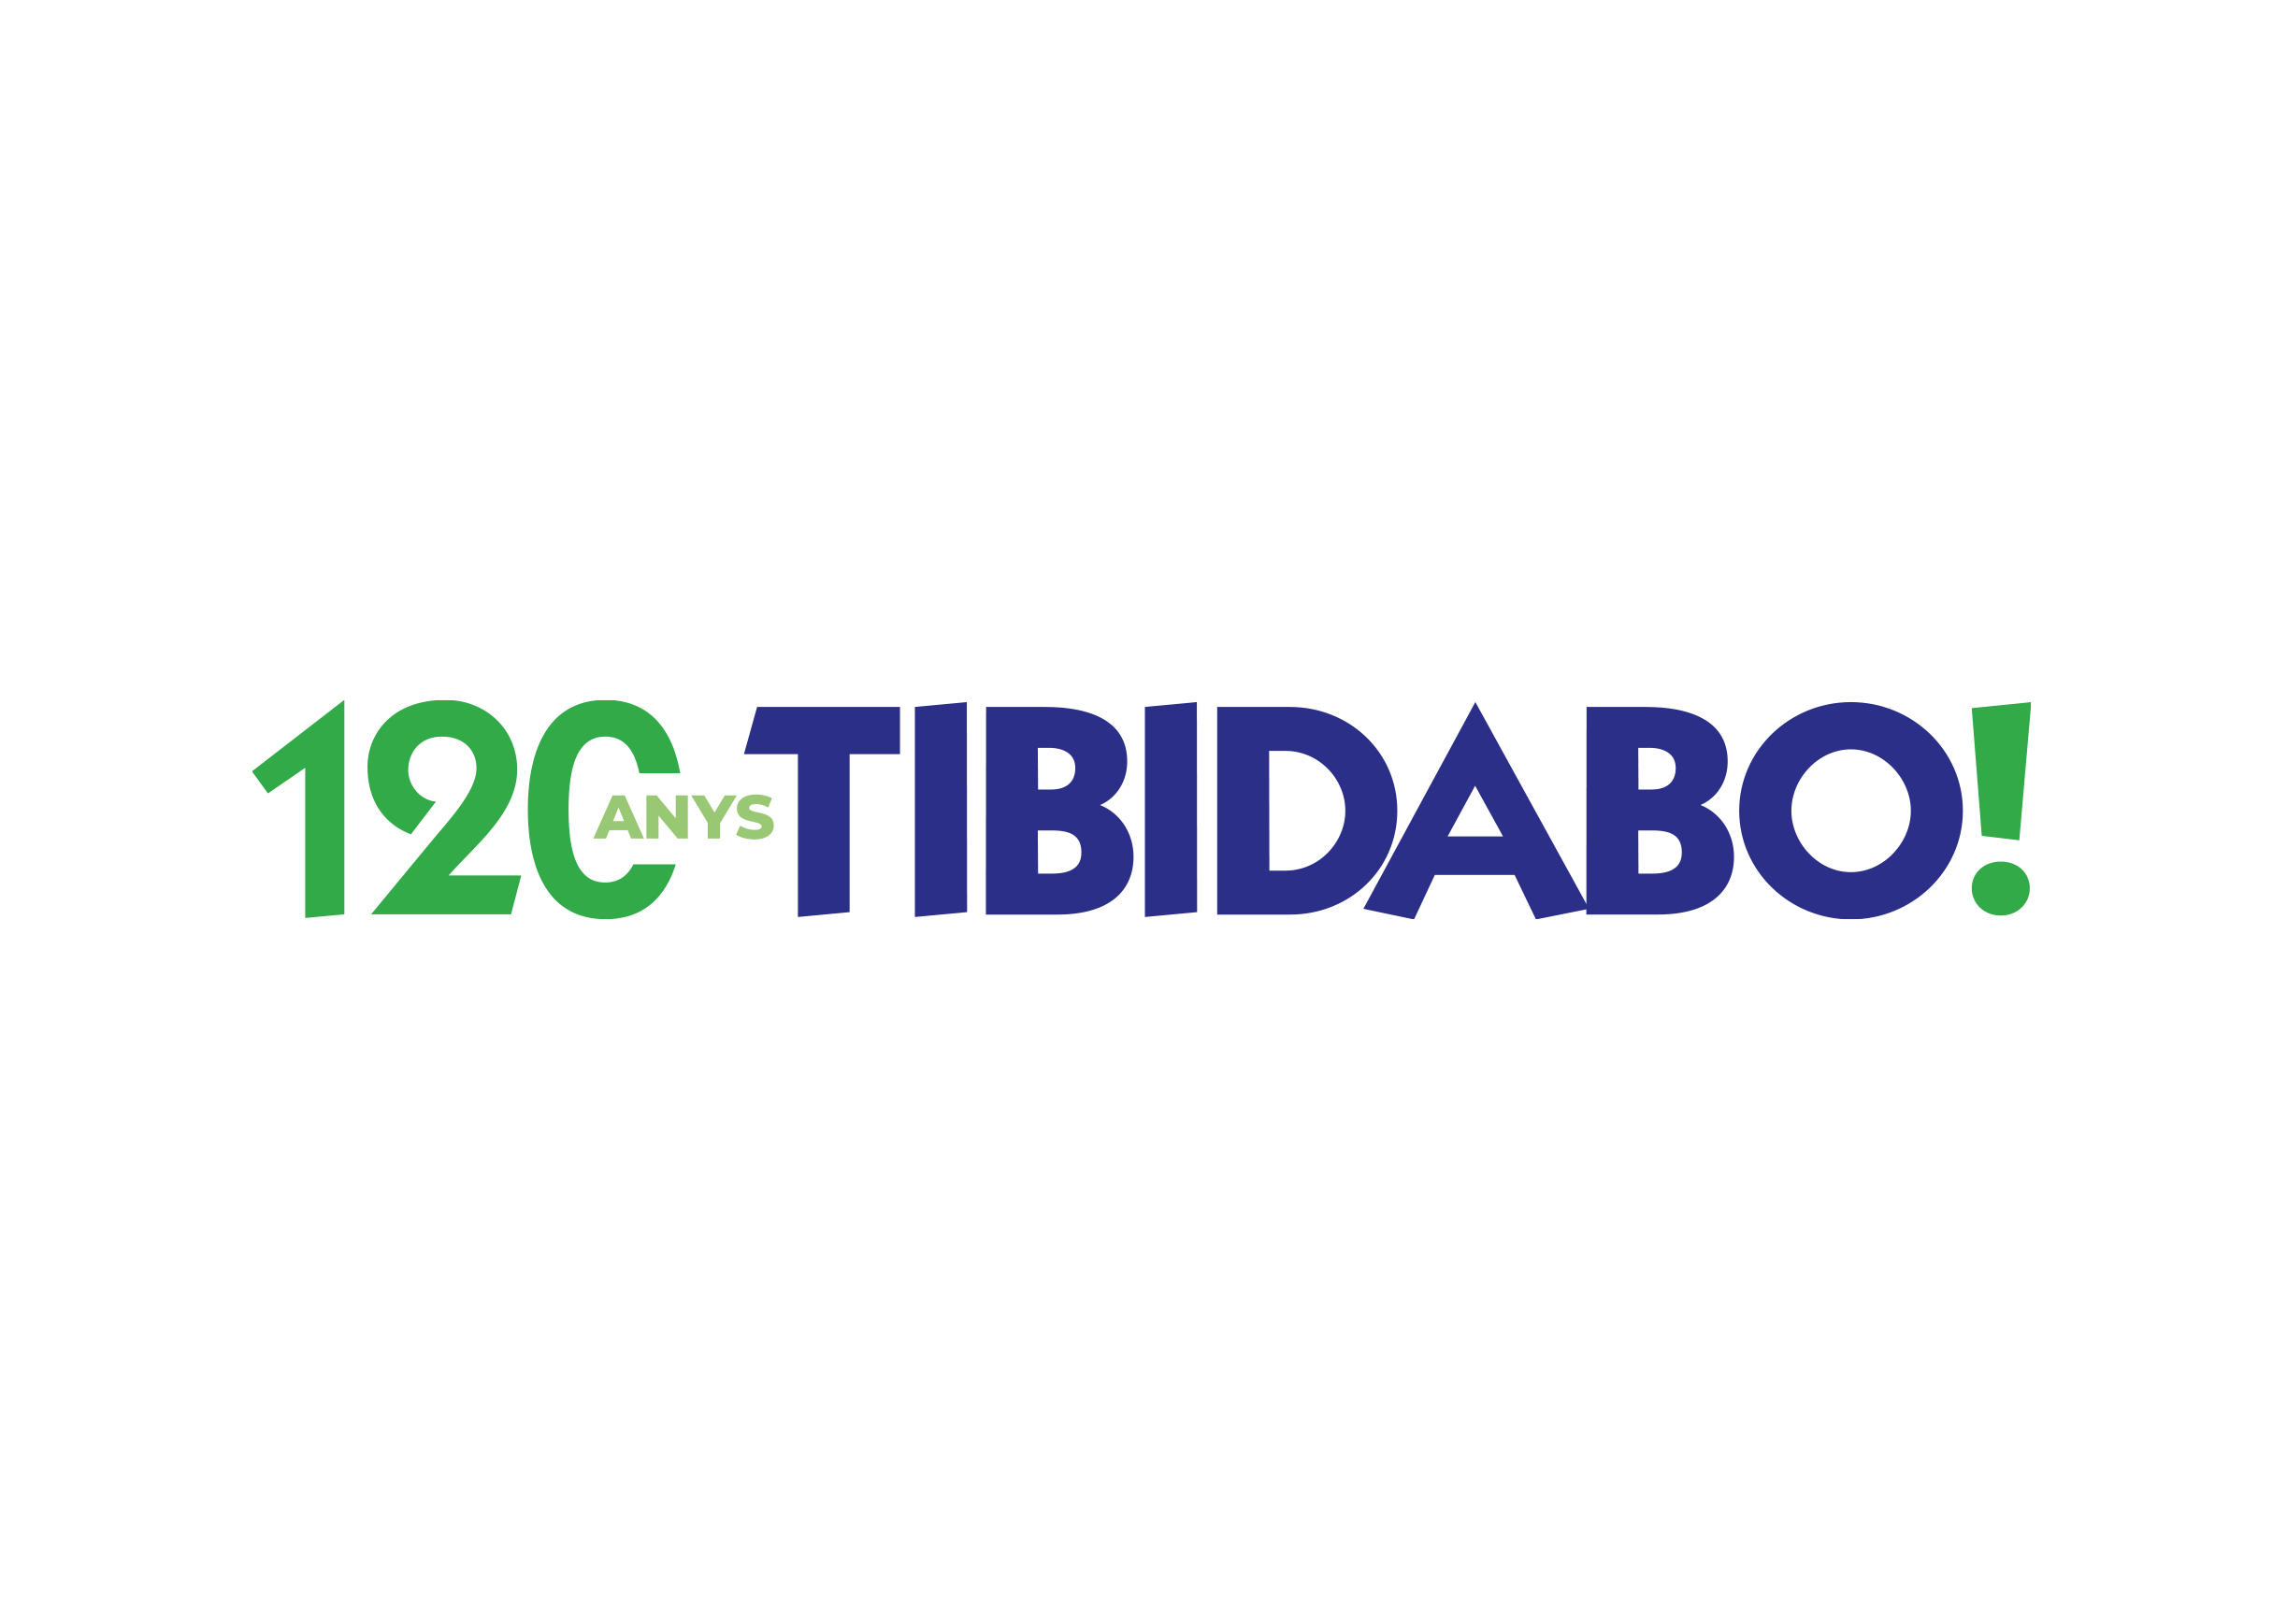 TIBIDABO_Campanya-120-Anys_1.jpg